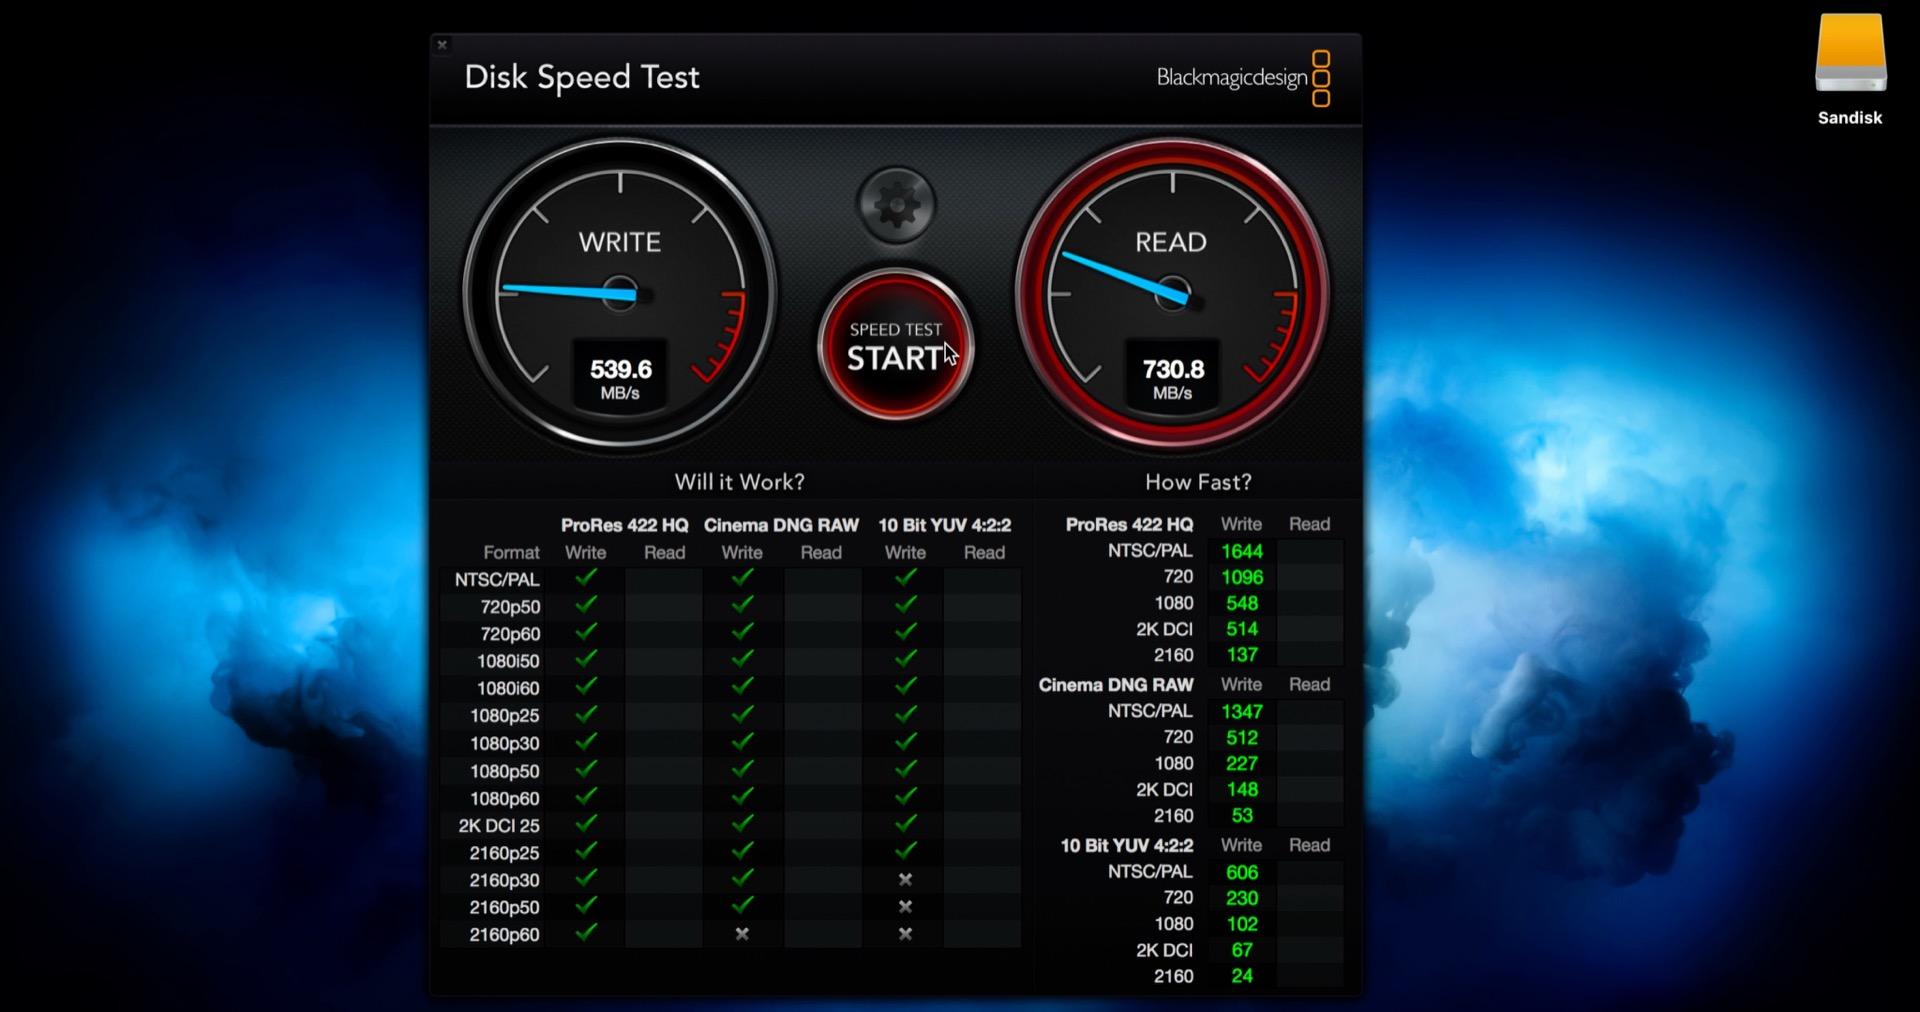 Hands-on: CalDigit TS3 Plus - the best Thunderbolt 3 dock for Mac